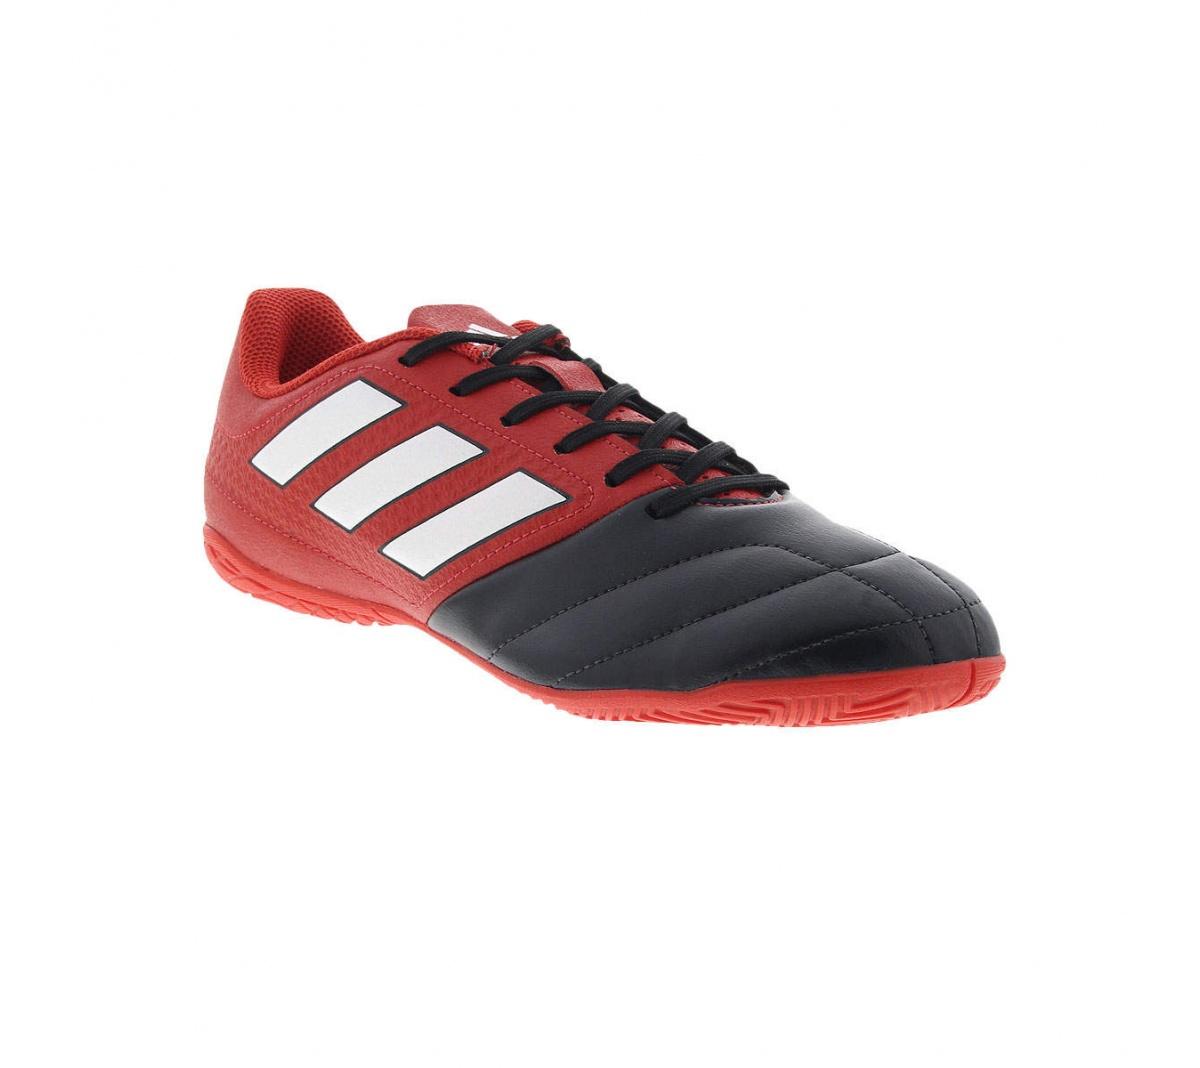 7402580d9a Tênis Adidas Ace 17.4 Futsal Tênis Adidas Ace 17.4 Futsal ...